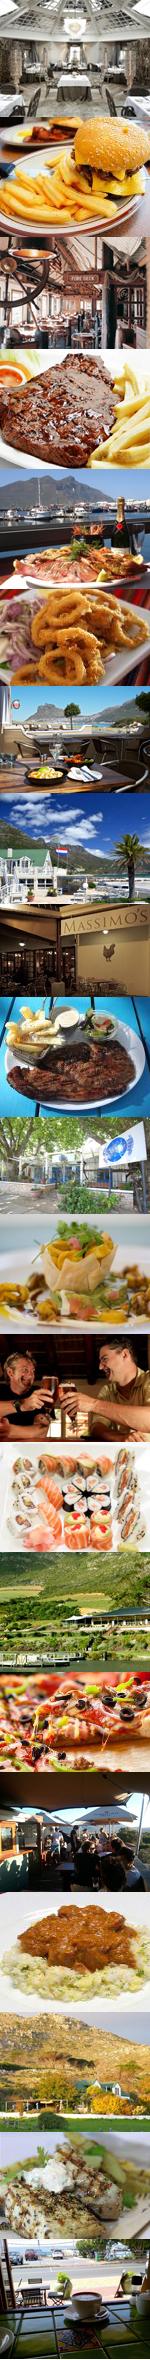 01 Restaurants